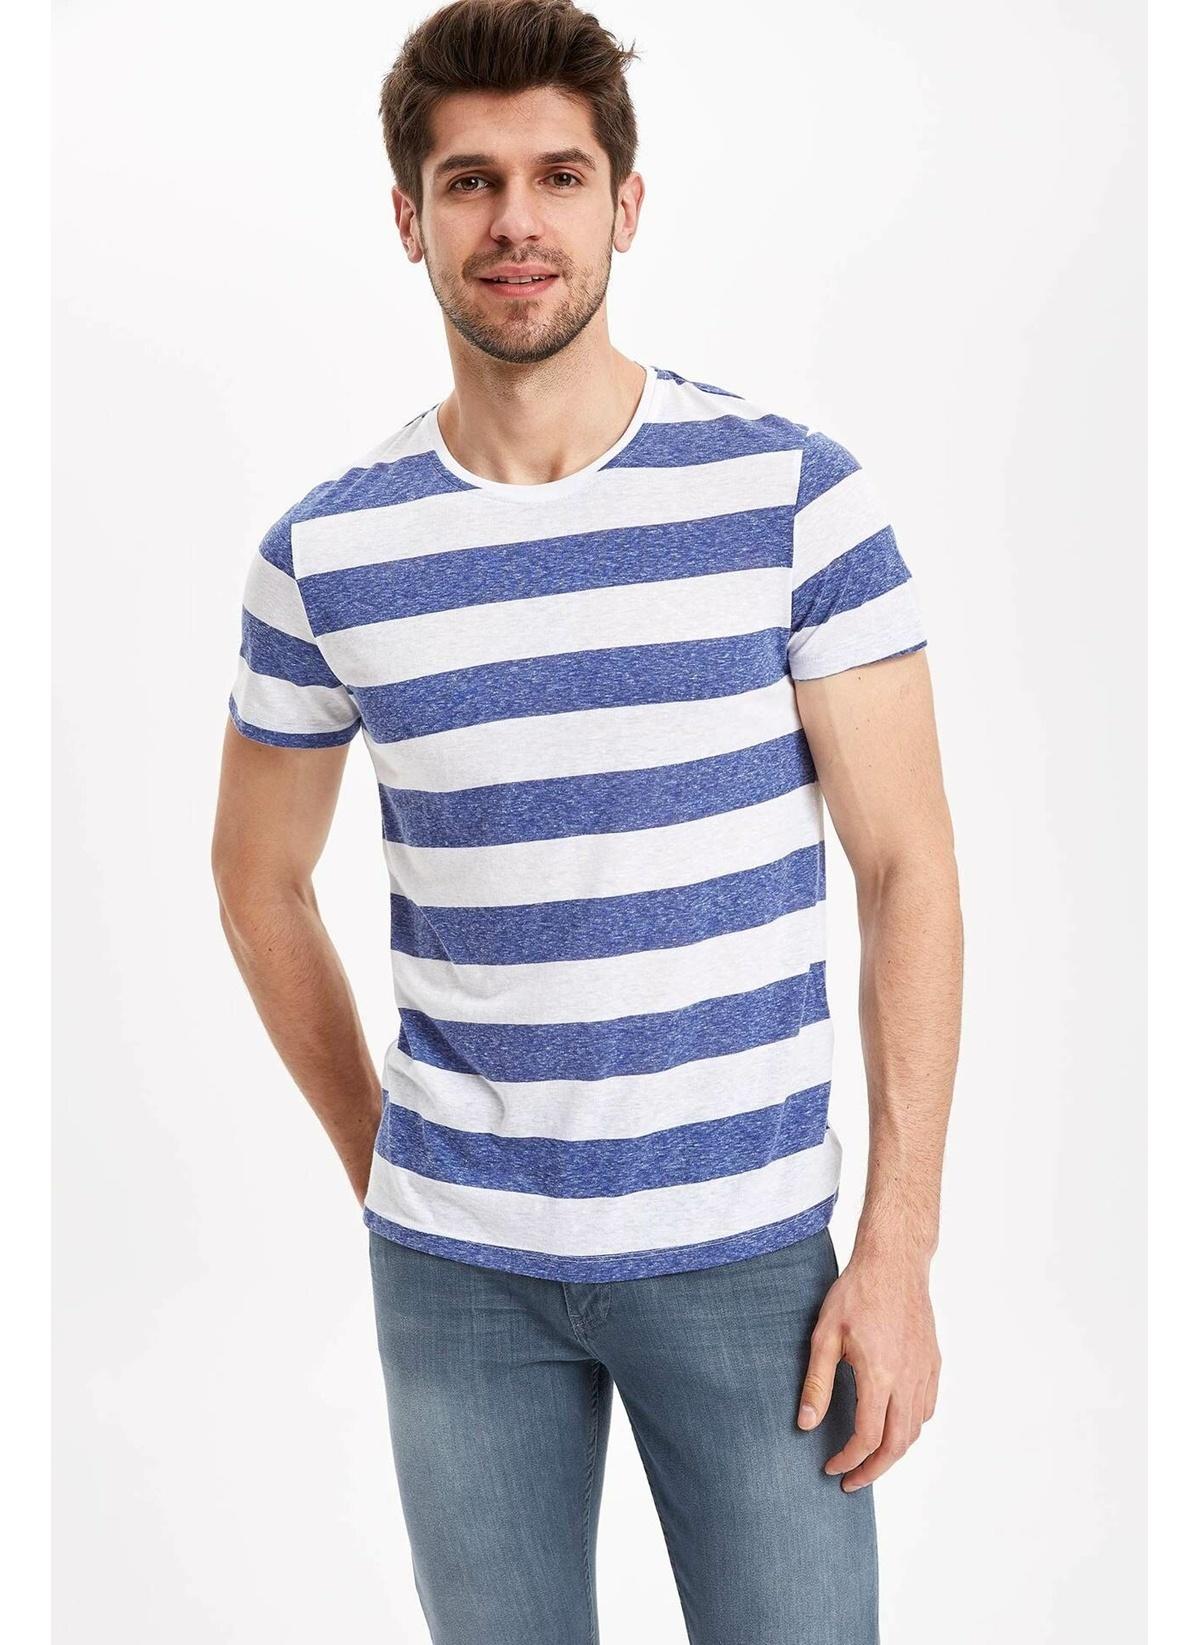 Defacto Tişört K8541az19smbe591t-shirt – 35.99 TL